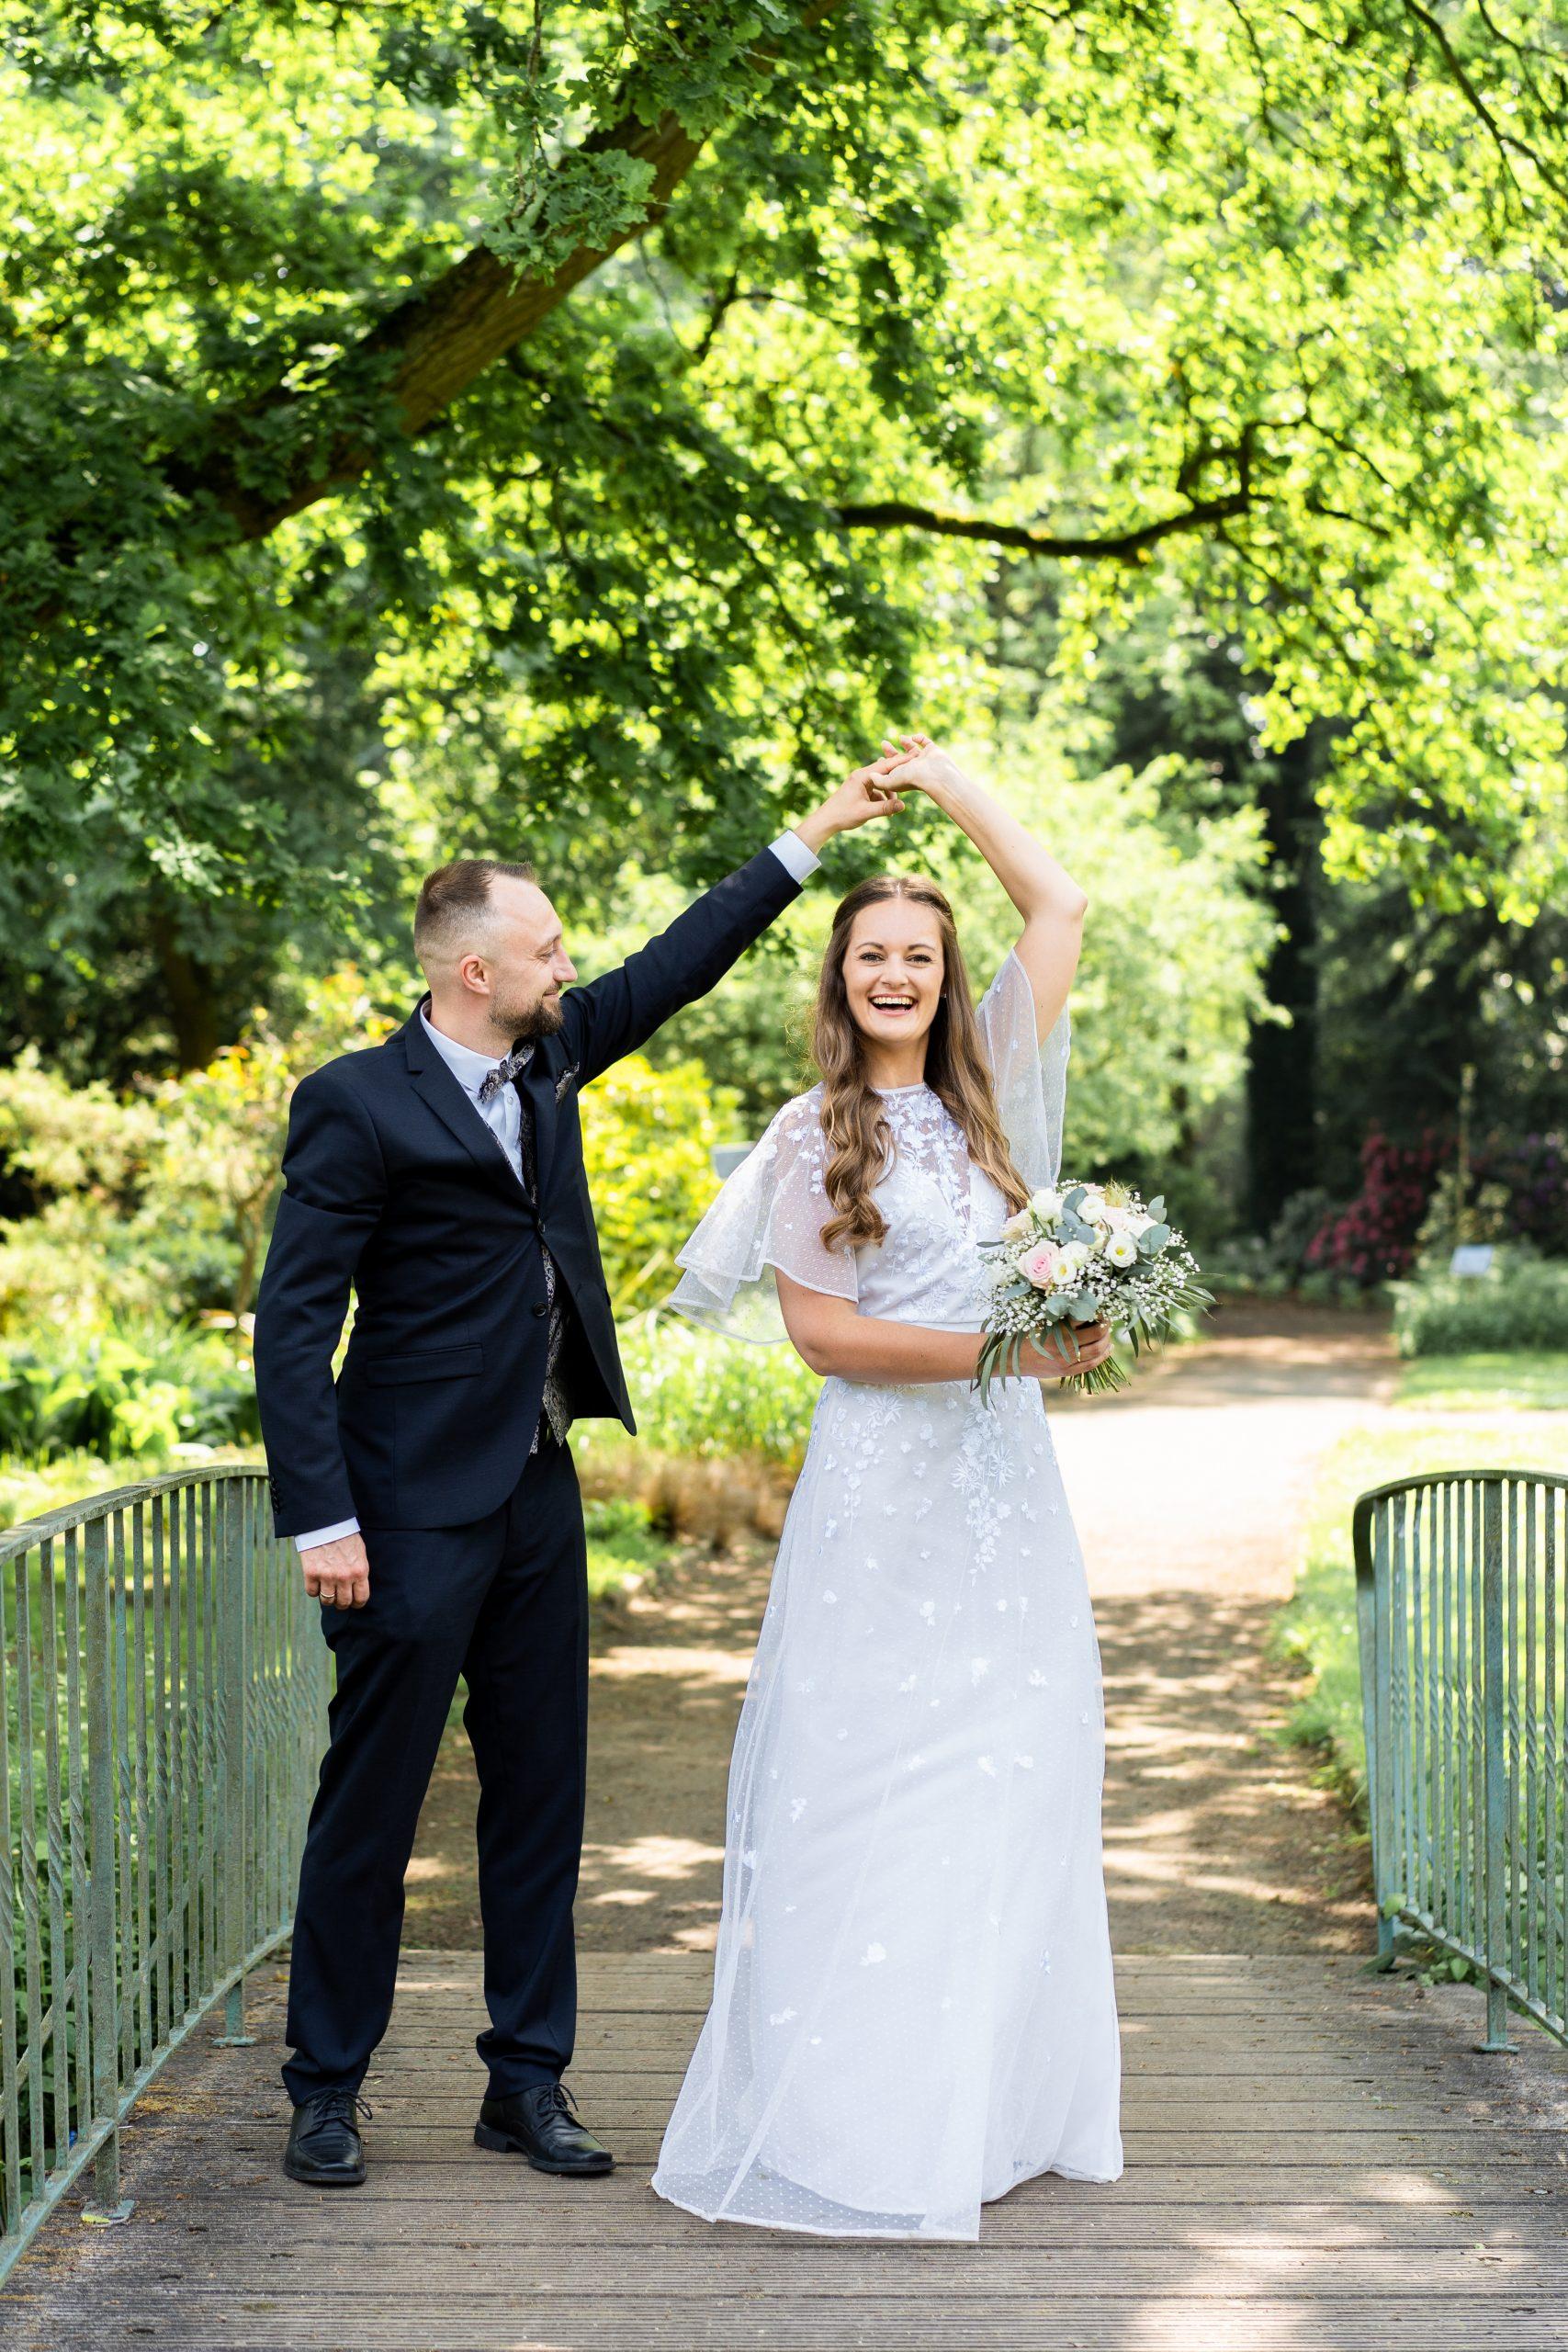 Fotografie Hochzeit Hochzeitsfotograf Hochzeitstanz Rhododendronpark Brautpaar, Hochzeitspaar Braut Bräutigam Wedding Outdoorshoot Hochzeitsfotografie im Freien